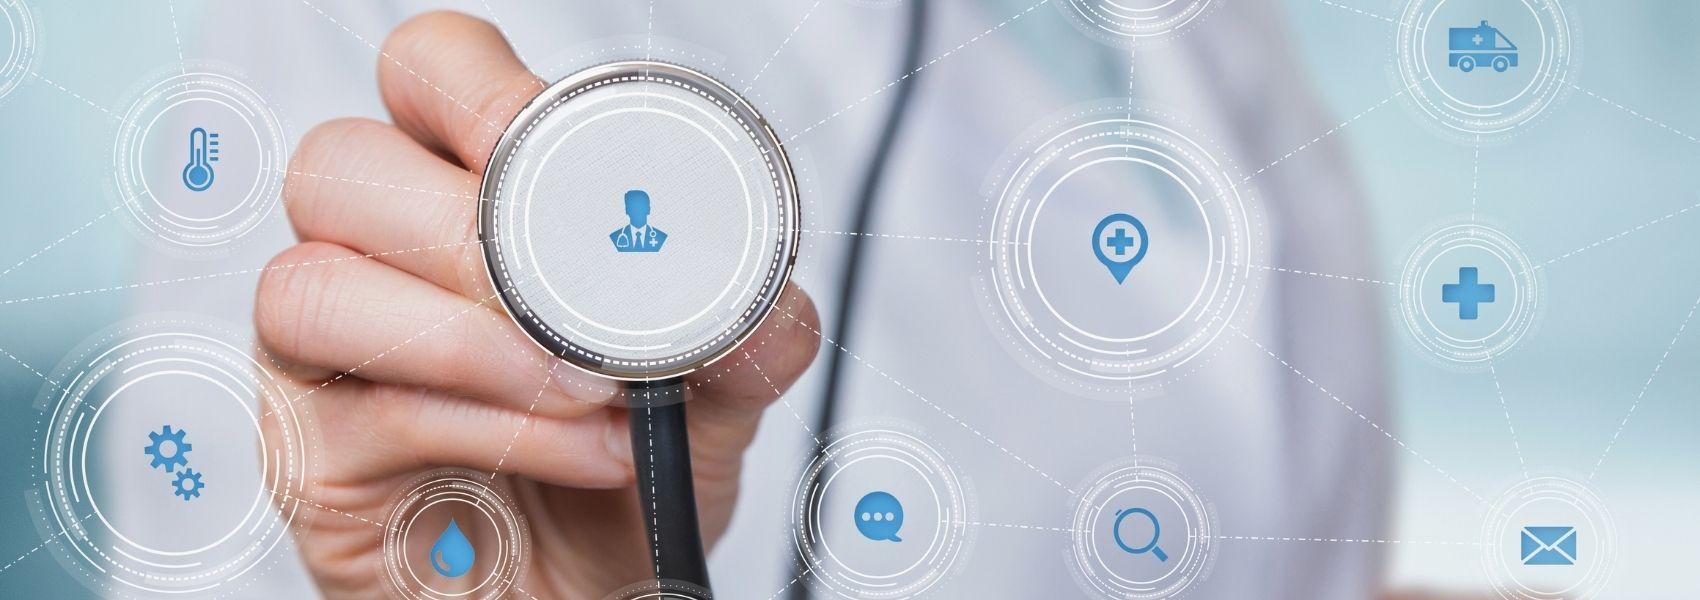 Consulta pública para melhorar o acesso à saúde em Portugal